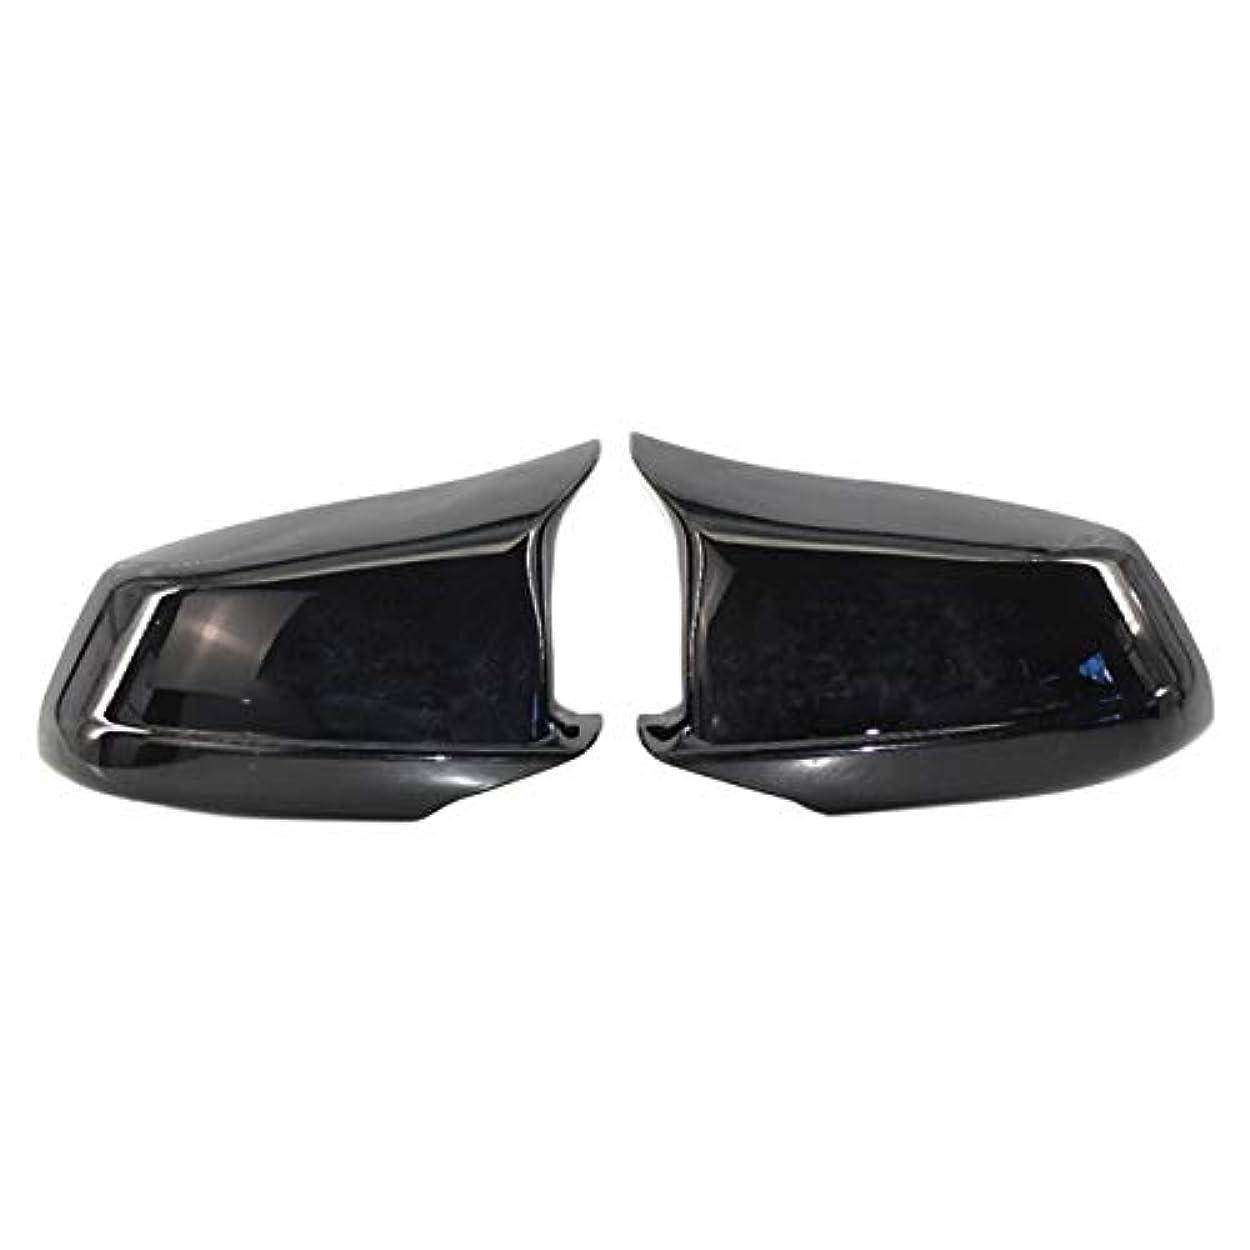 剣アッティカスバドミントン交換用カバーミラーカバーミラーは、フィット感のためのBMW 5シリーズF10 / F11 / F18プリLCI 11-13ミラーキャップの交換サイドミラーはリヤドアウィングリアビューMキャップカバー ドアミラーカバー (Color : Black)